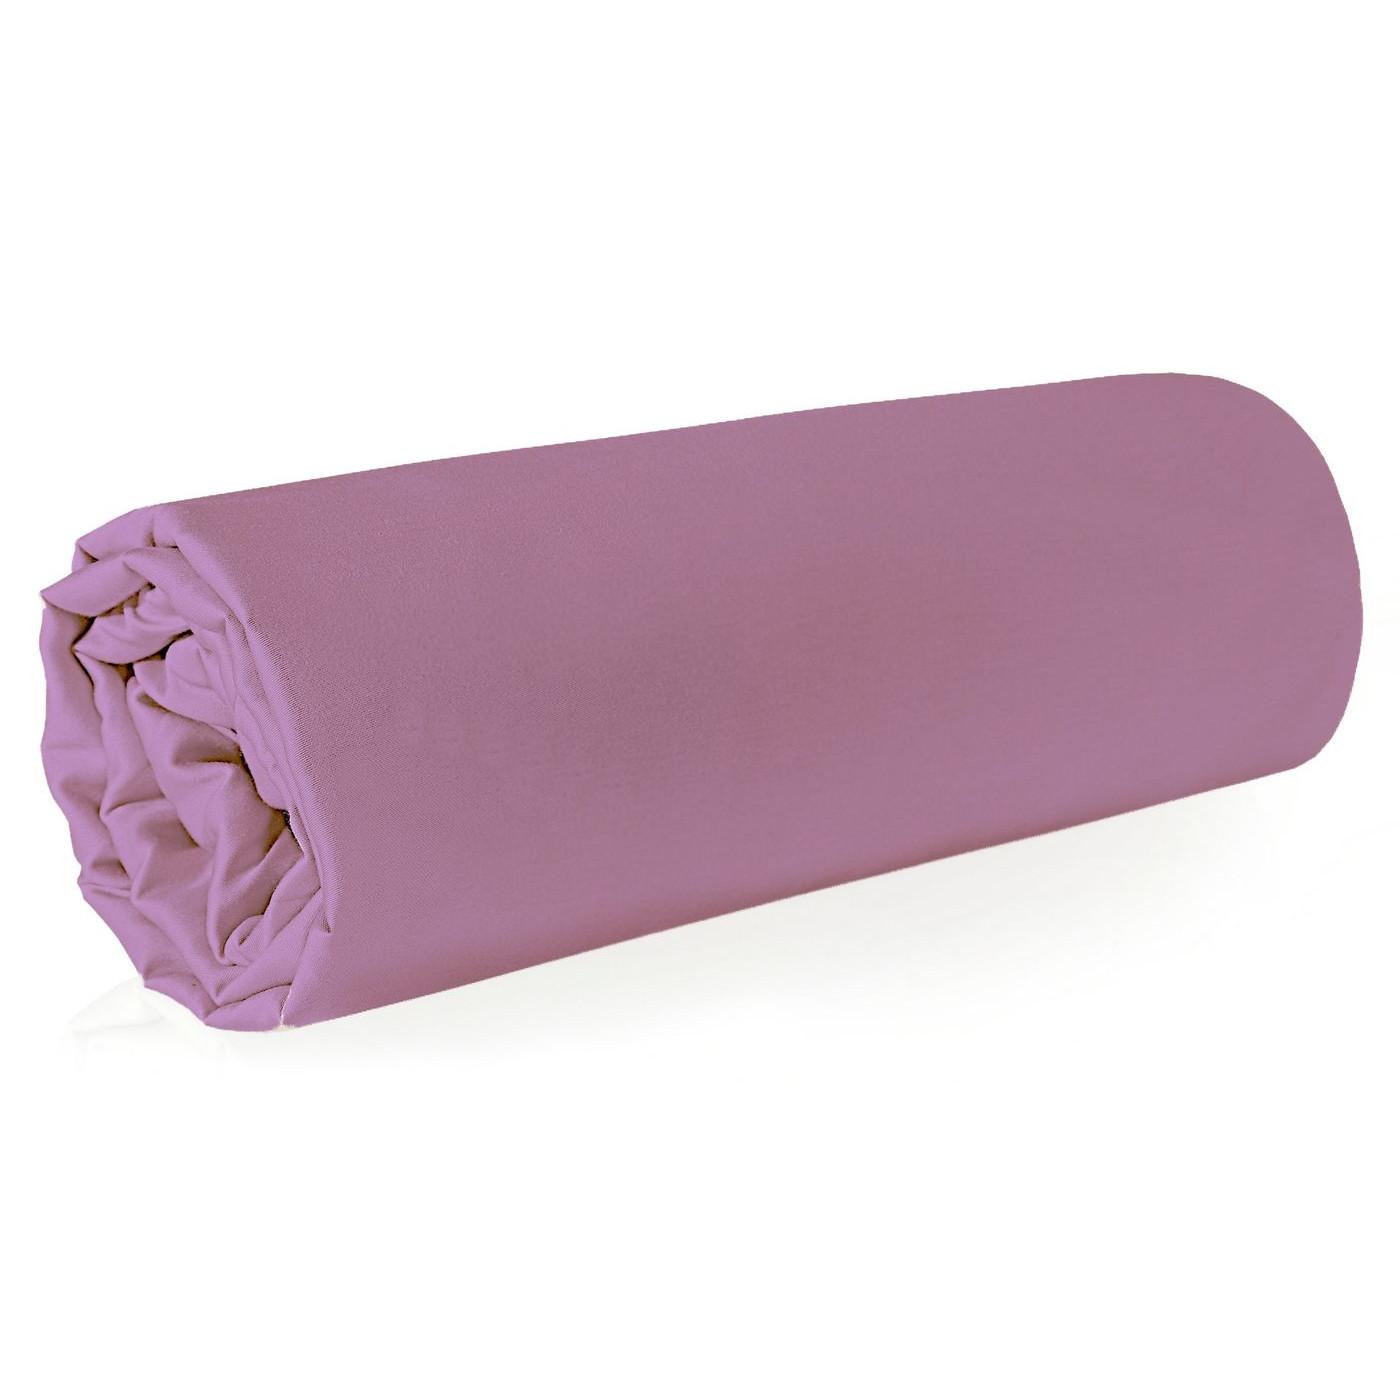 Prześcieradło z makosatyny gładkie 180x210 kolor różowy